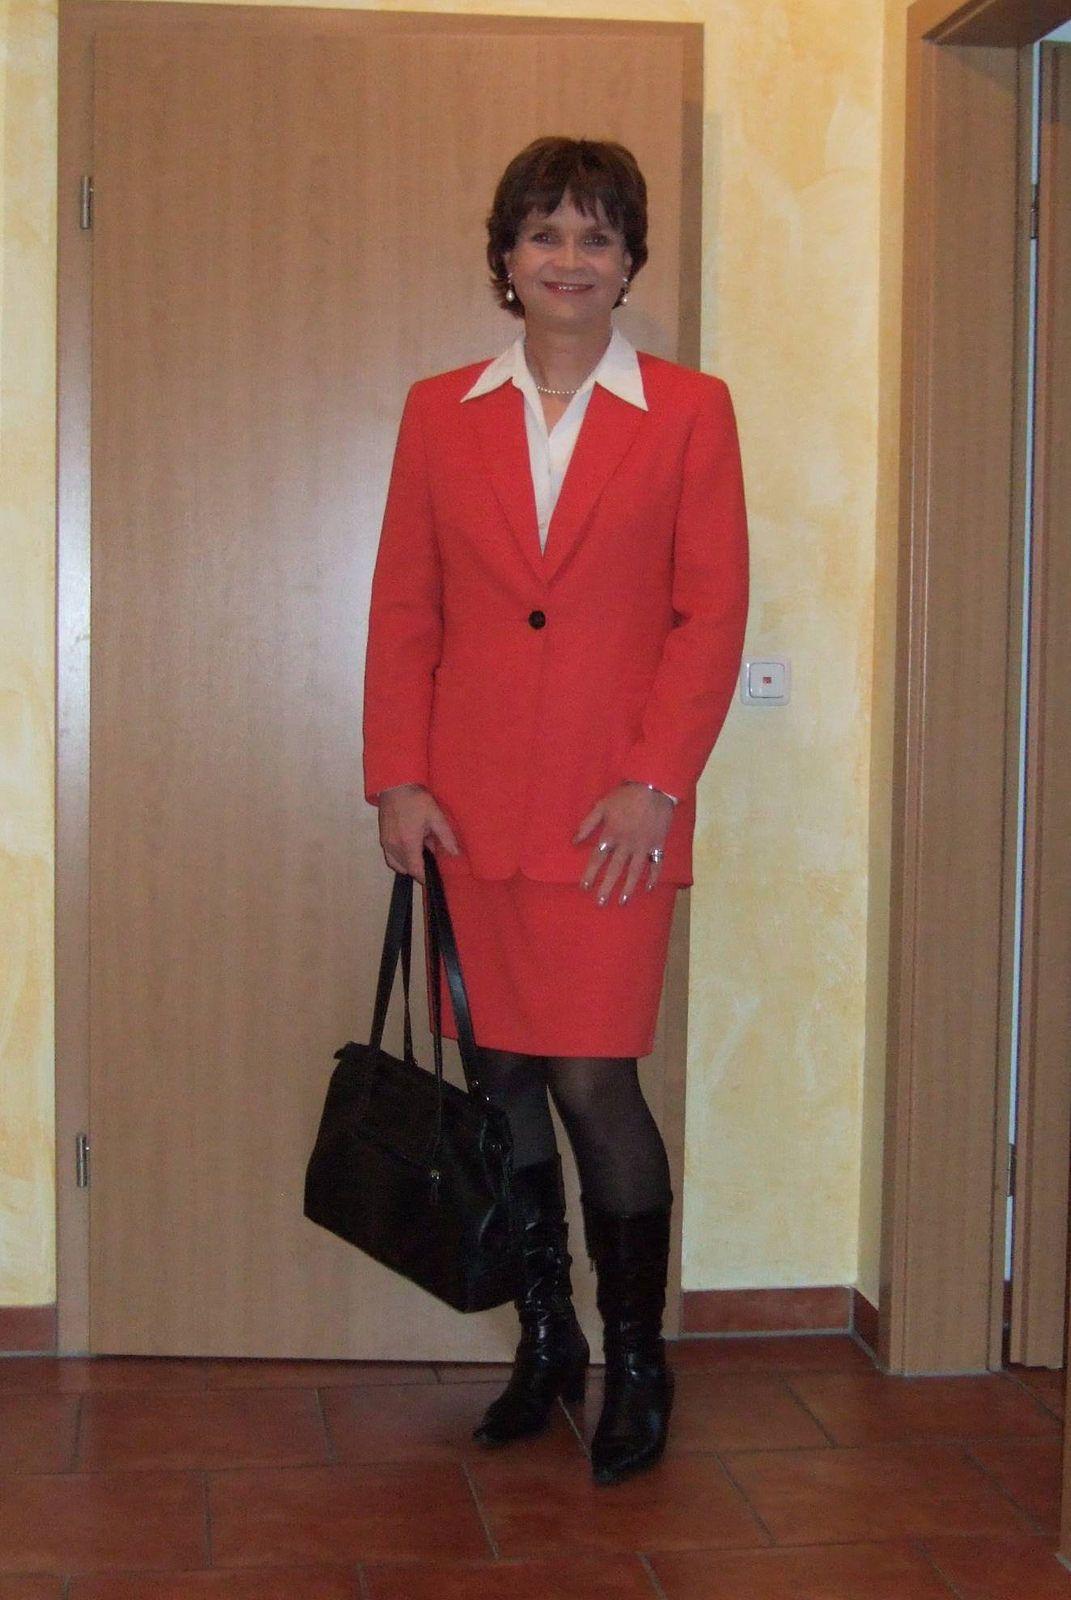 https://flic.kr/p/zSHnfk | Kostüm | Mein neues rotes Kostüm, das ich für 10,- EUR bei resales gekauft habe. Was haltet ihr davon?  My new red skirt suit which I bought at resales for only 10,- EUR. What do you think?